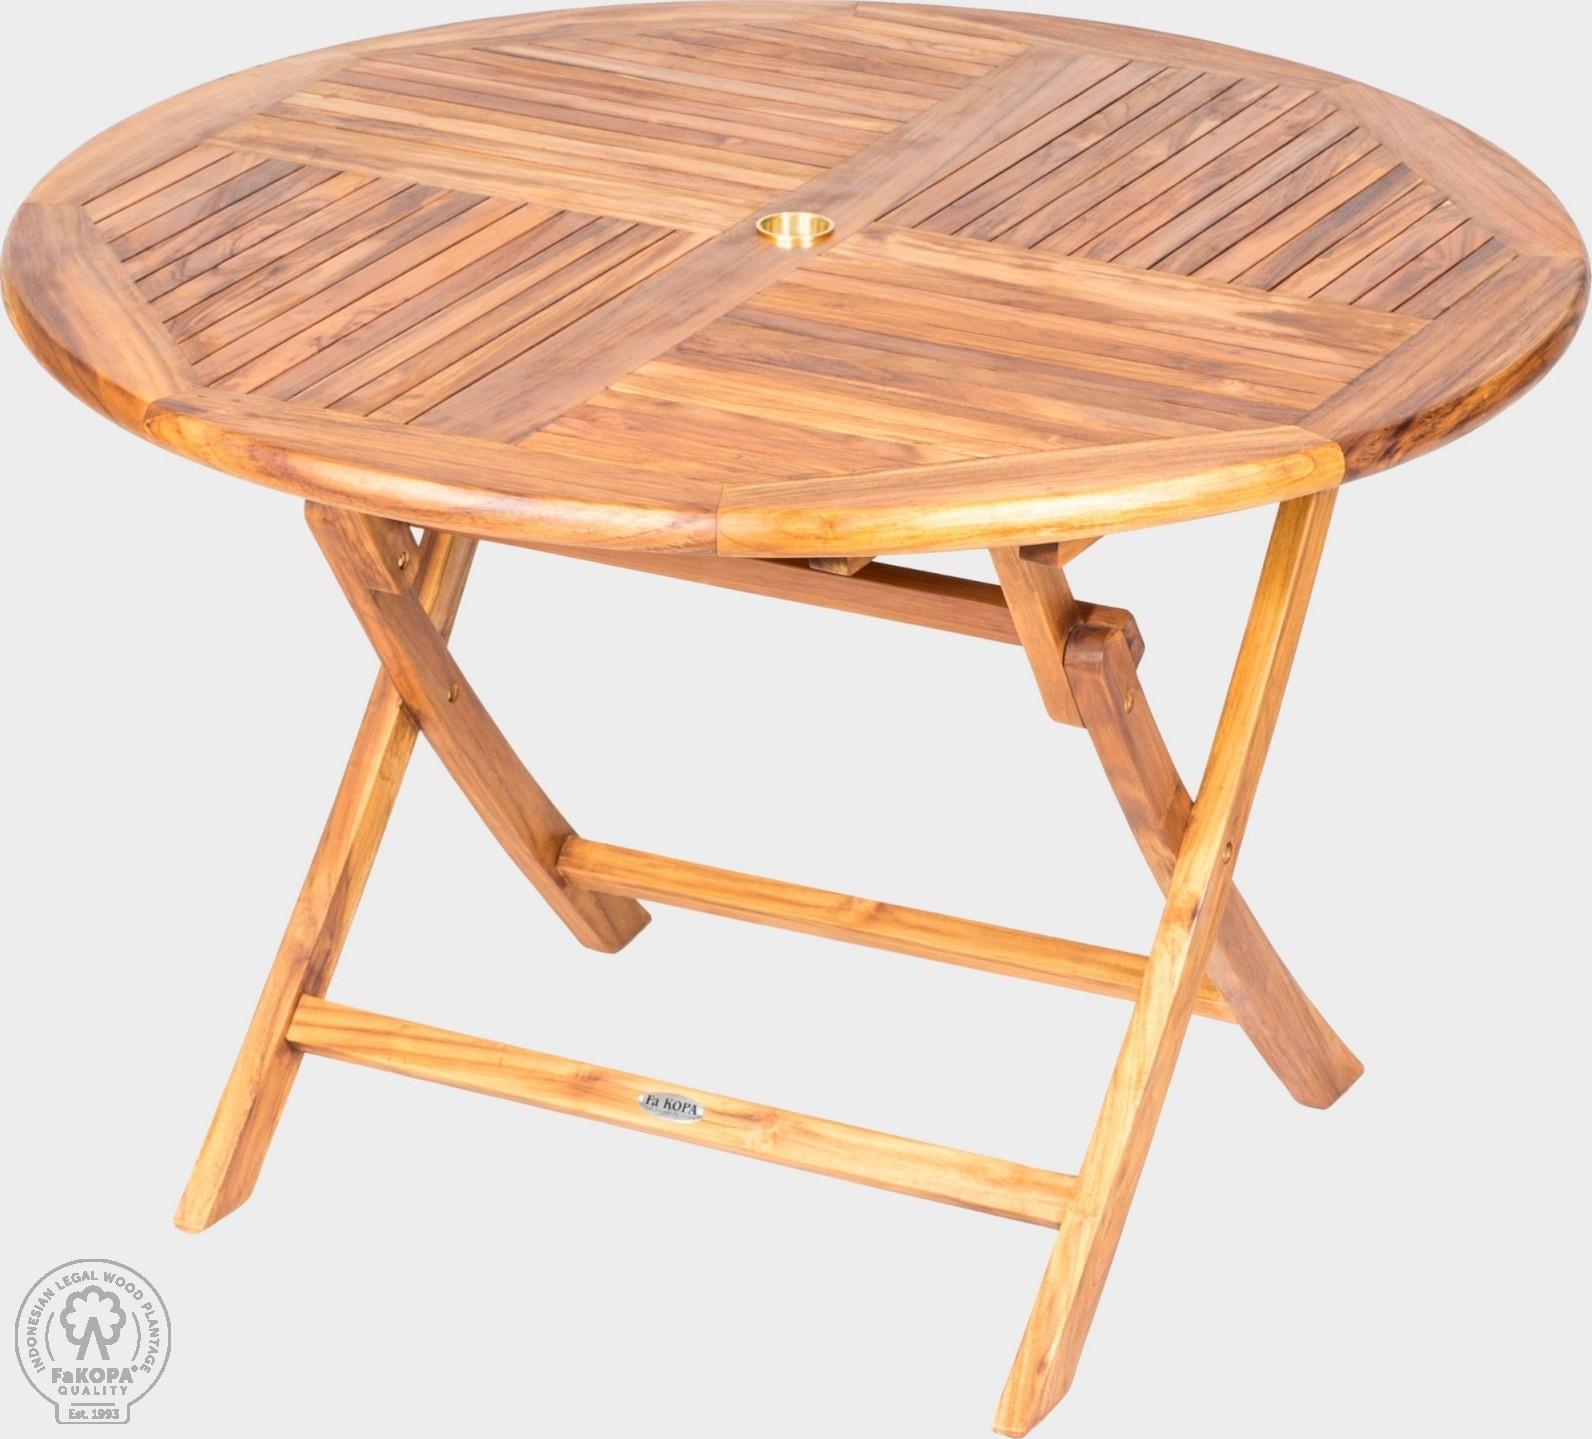 FaKOPA Velký kulatý dřevěný skládací stůl s otvorem pro slunečník Rosie